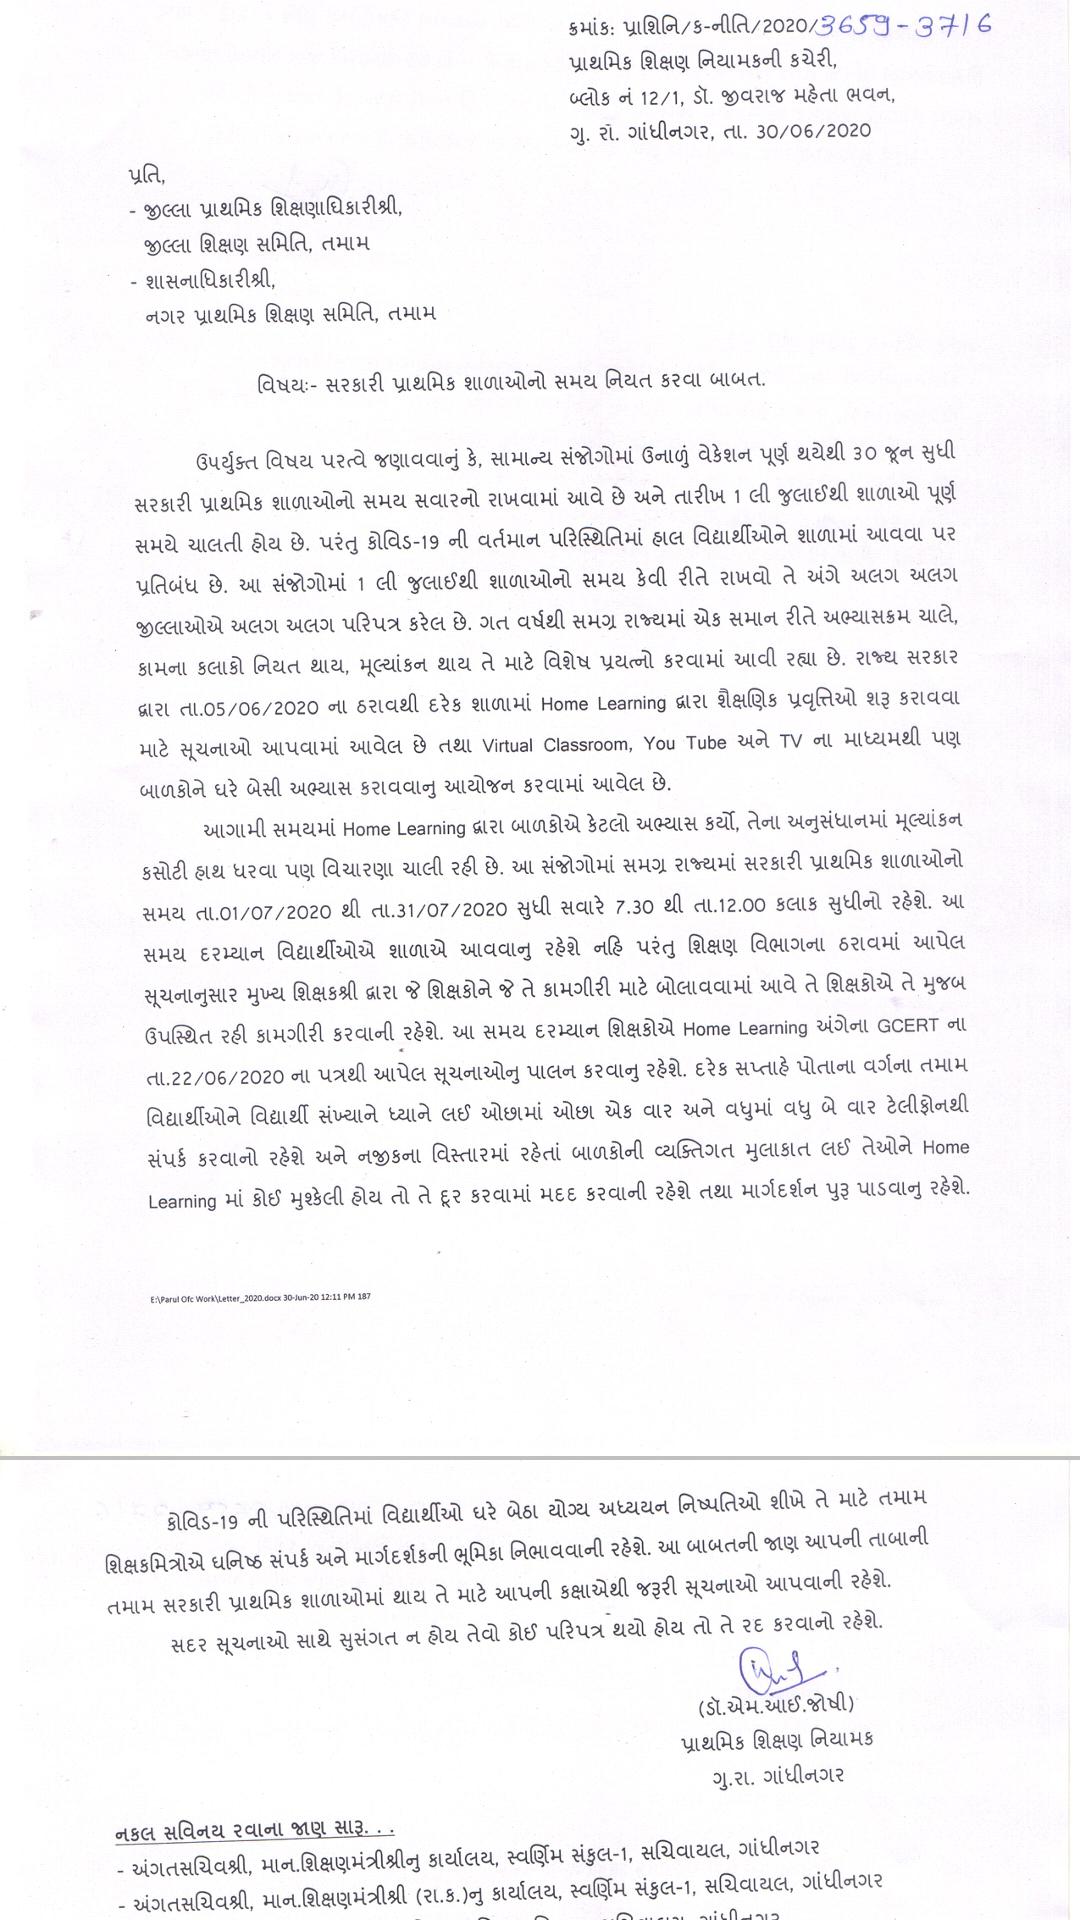 समग्र गुजरात के पब्लिक प्राथमिक विद्यालयों को 1/7/2020 से31/07/2020 तक 7:30 से 12:00 तक समय निर्धारित करने हेतु  पत्र